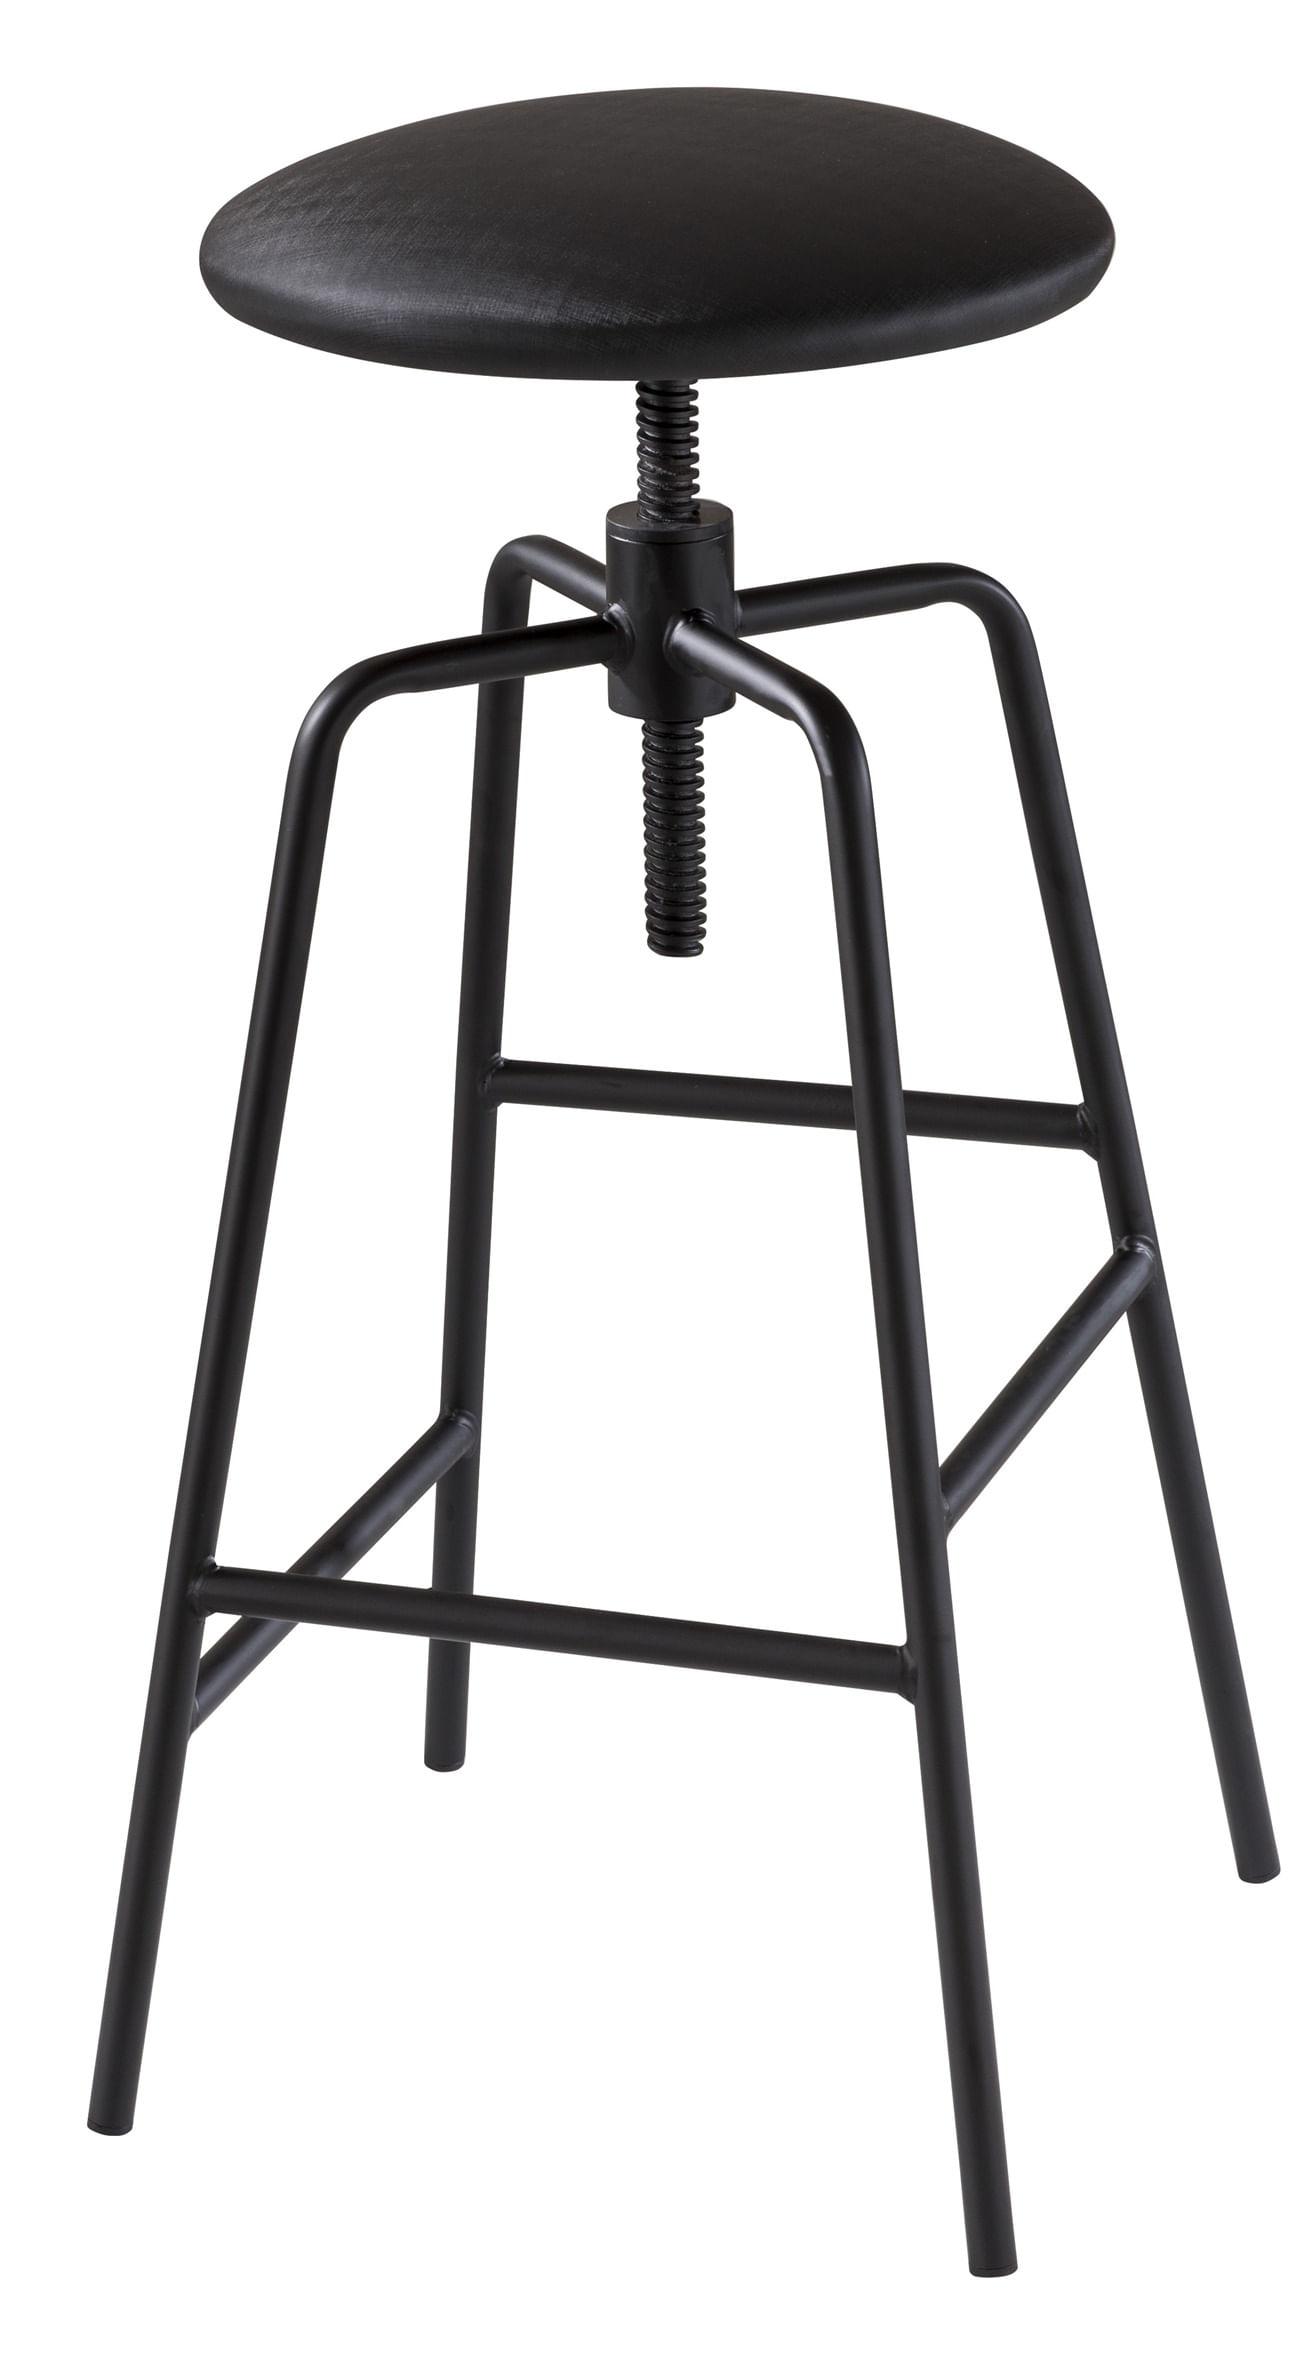 Banqueta Capri Alta Assento Estofado cor Preto com Base Metal Preta 87 cm (ALT) - 46713